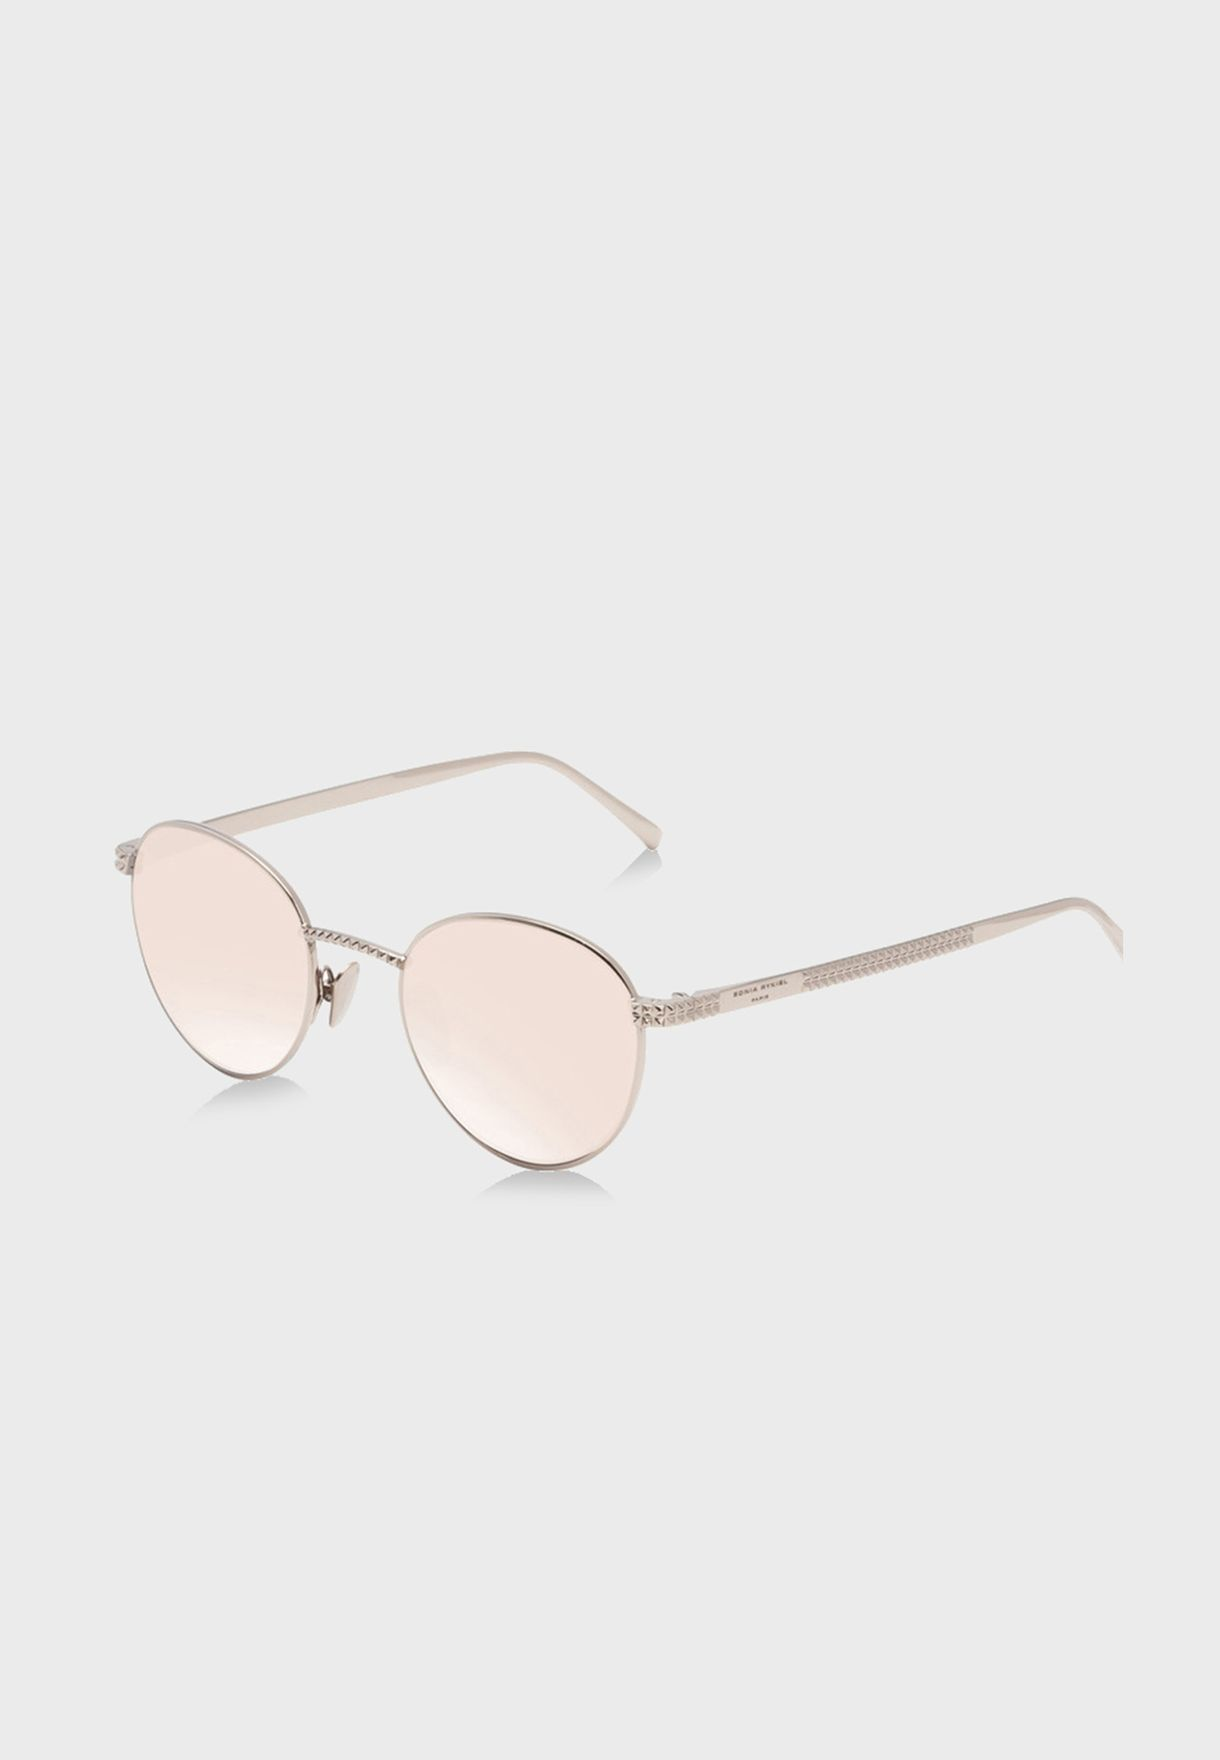 L SR776002 Aviator Sunglasses